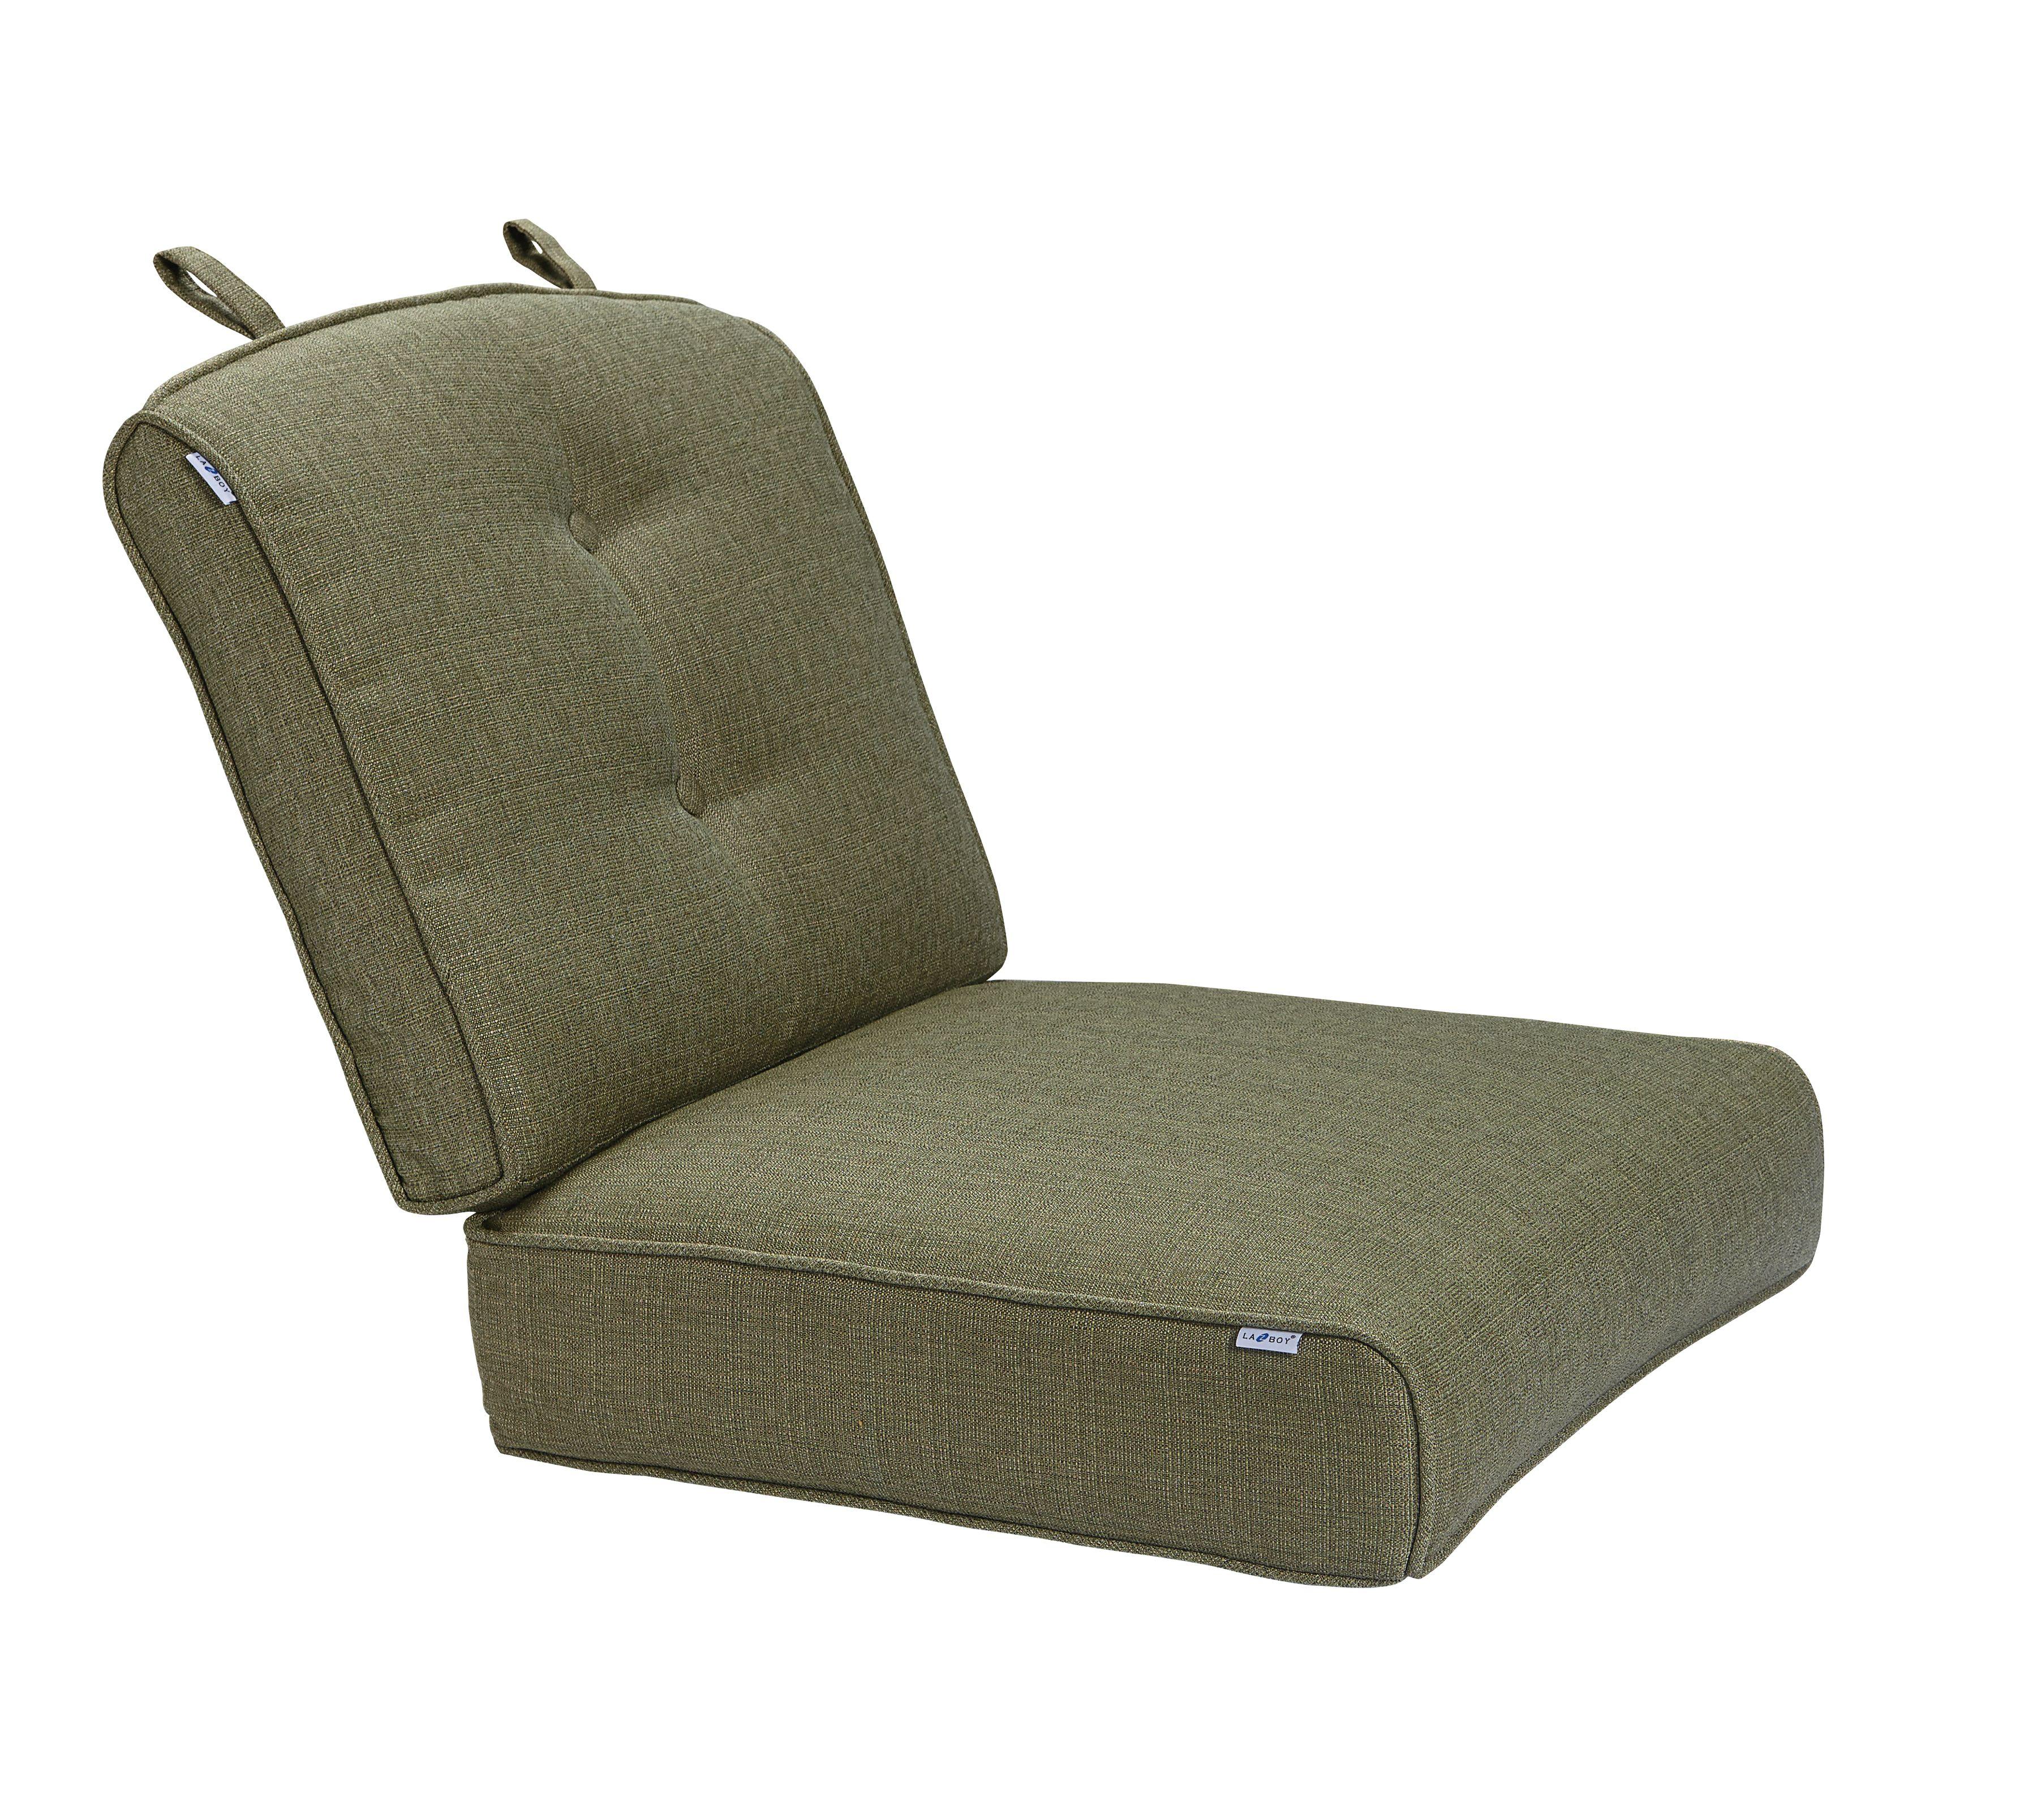 la z boy peyton replacement seating